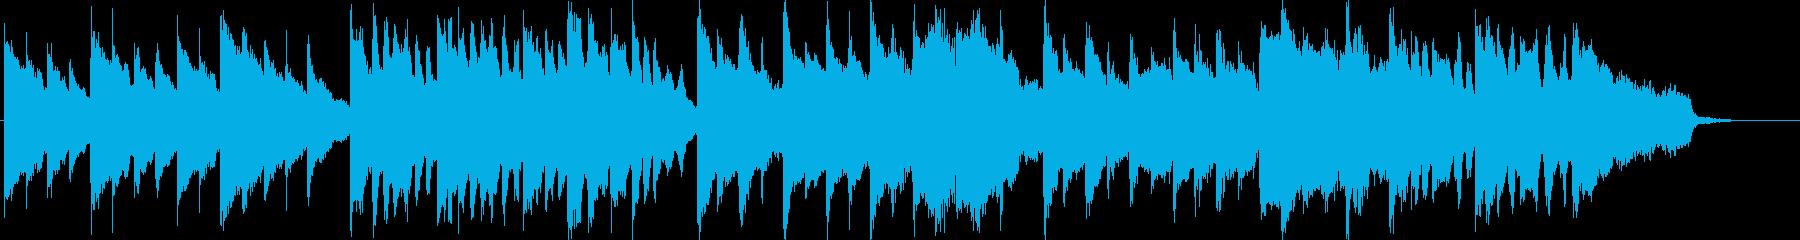 可愛らしくファンタジックなメルヘンBGMの再生済みの波形